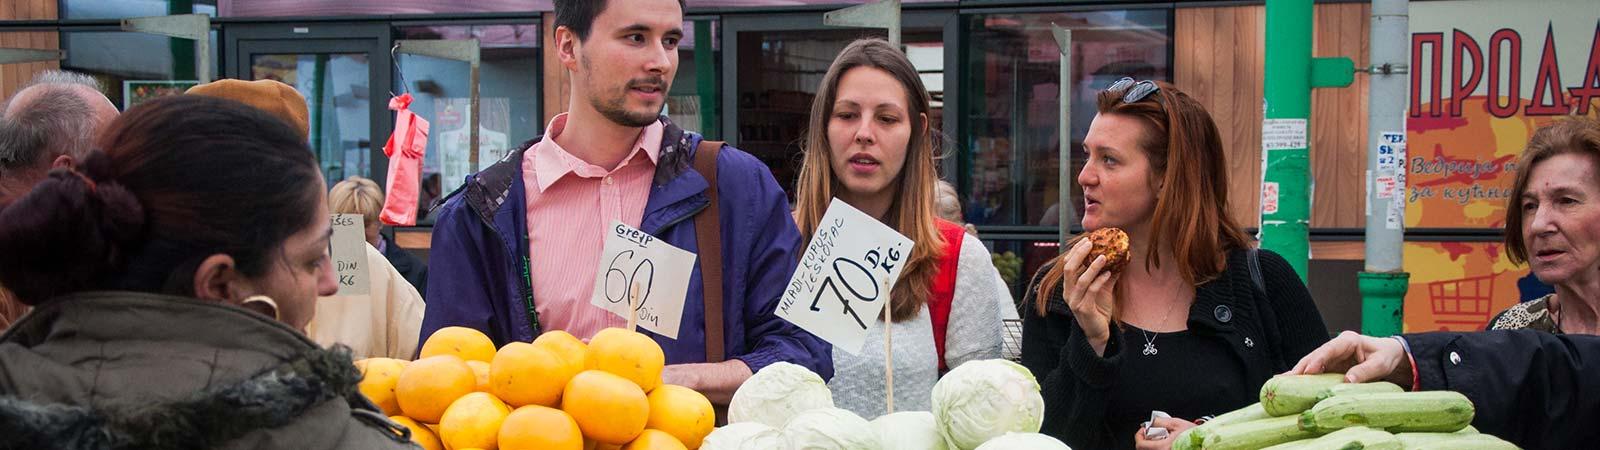 Pijaca – Lokale markt in Belgrado- organisch eten